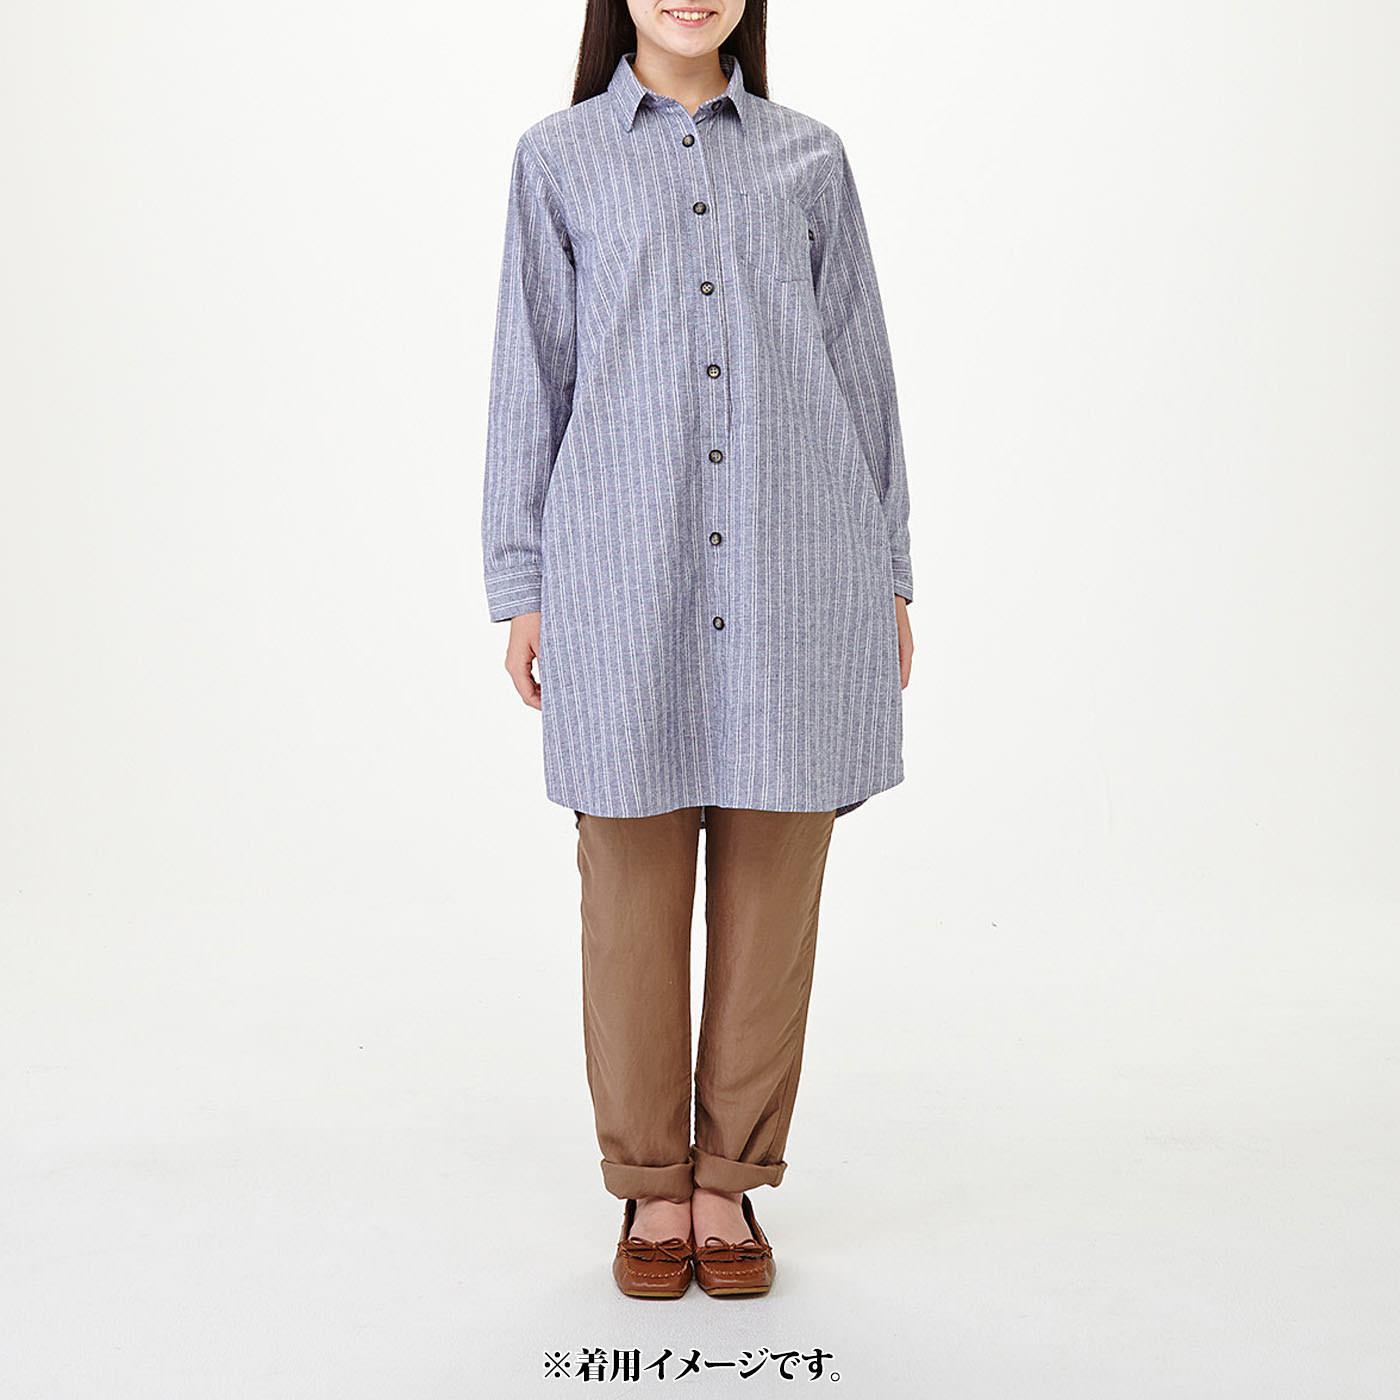 モデル身長約160cm 着用サイズM ひざ上丈がパンツと好相性。